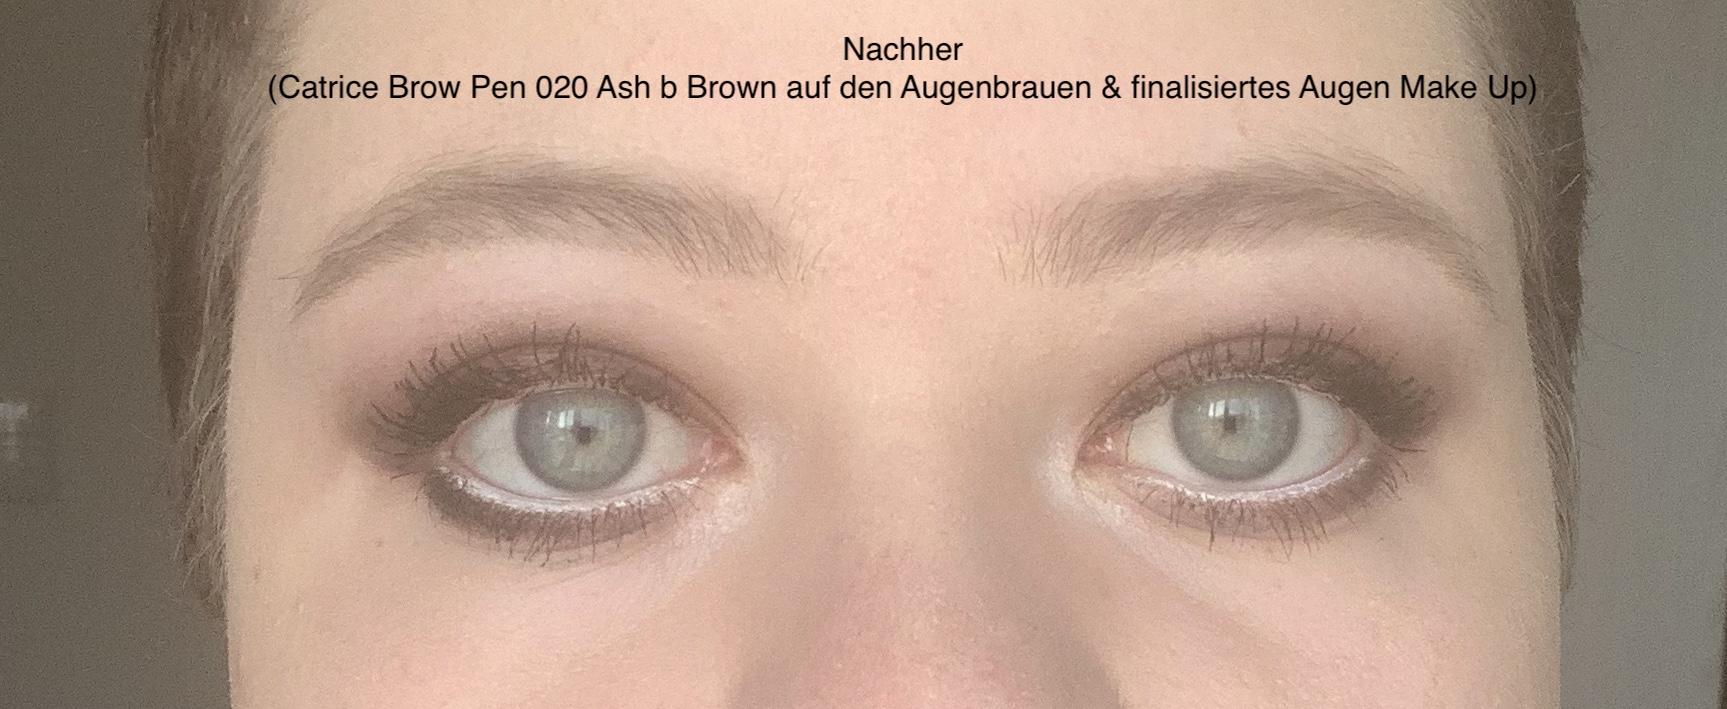 Das Bild zeigt ein Augenbrauenpaar, das mit einem Stift nachgezeichnet wurde und nun voller aussieht.